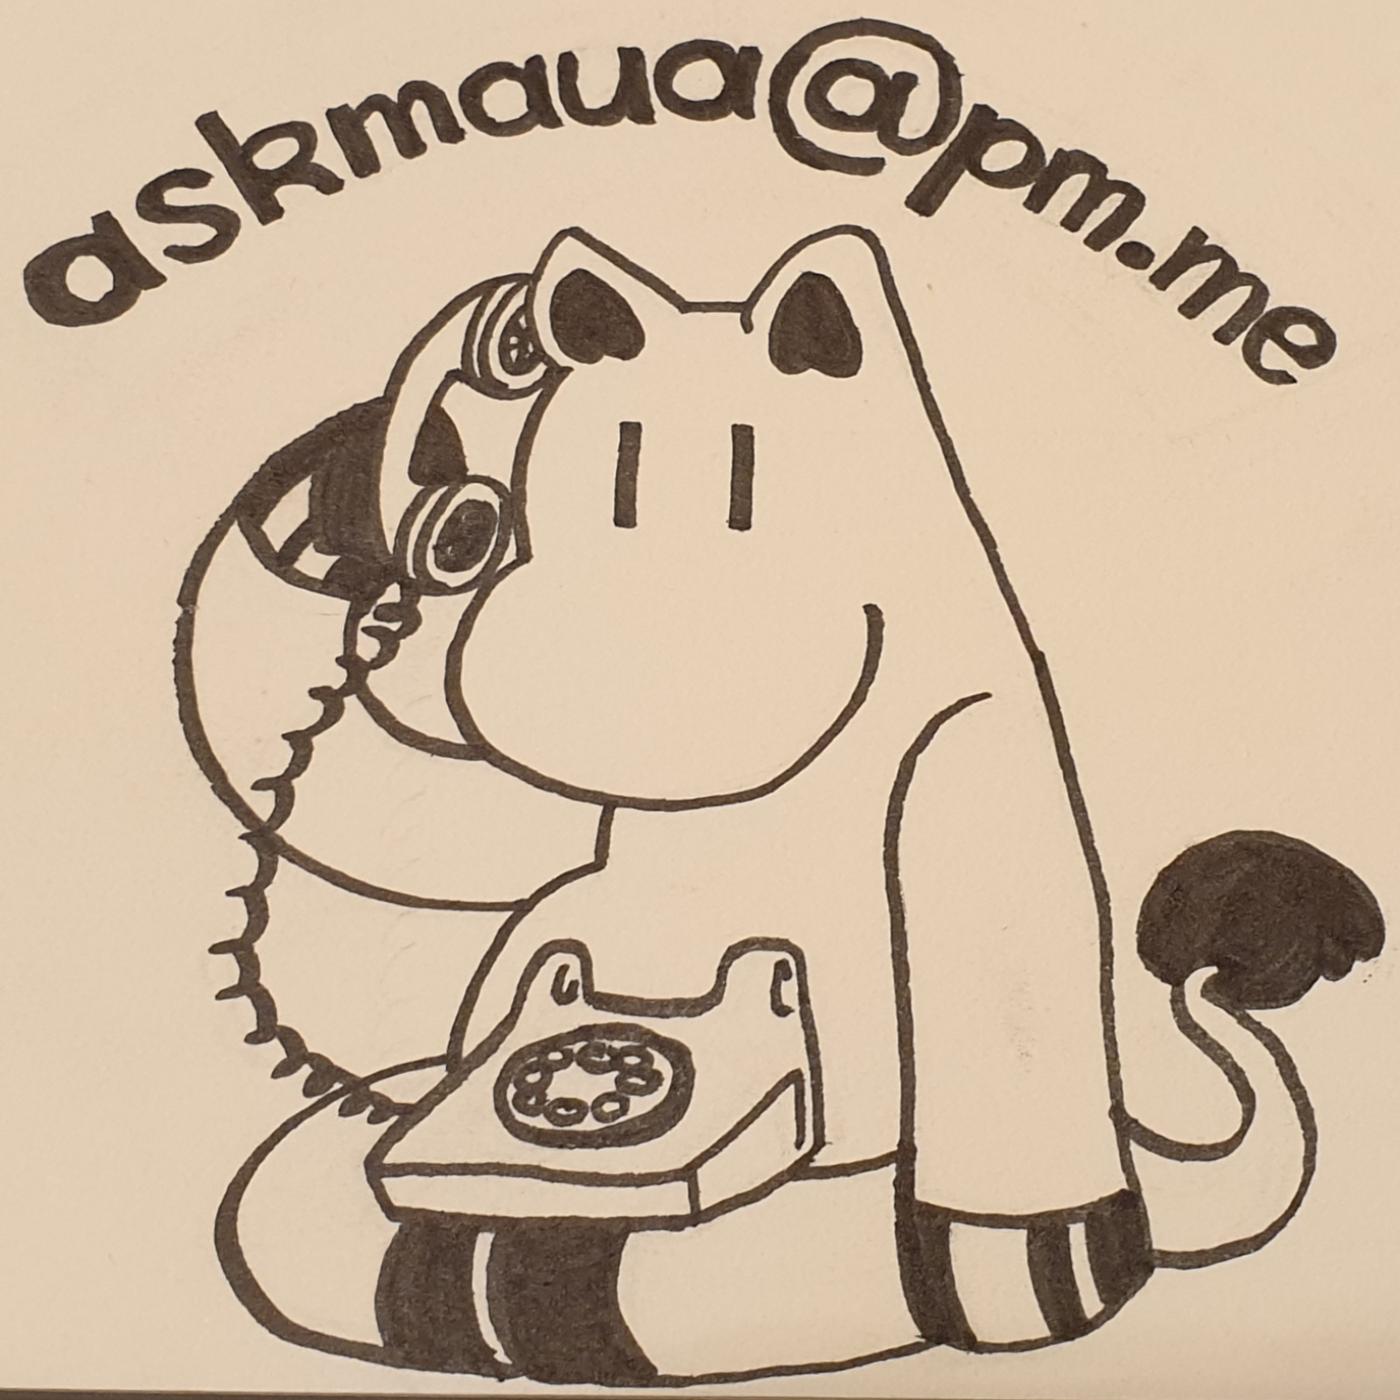 Ask Maua - Dr Maua Faleauto-20-02-2020